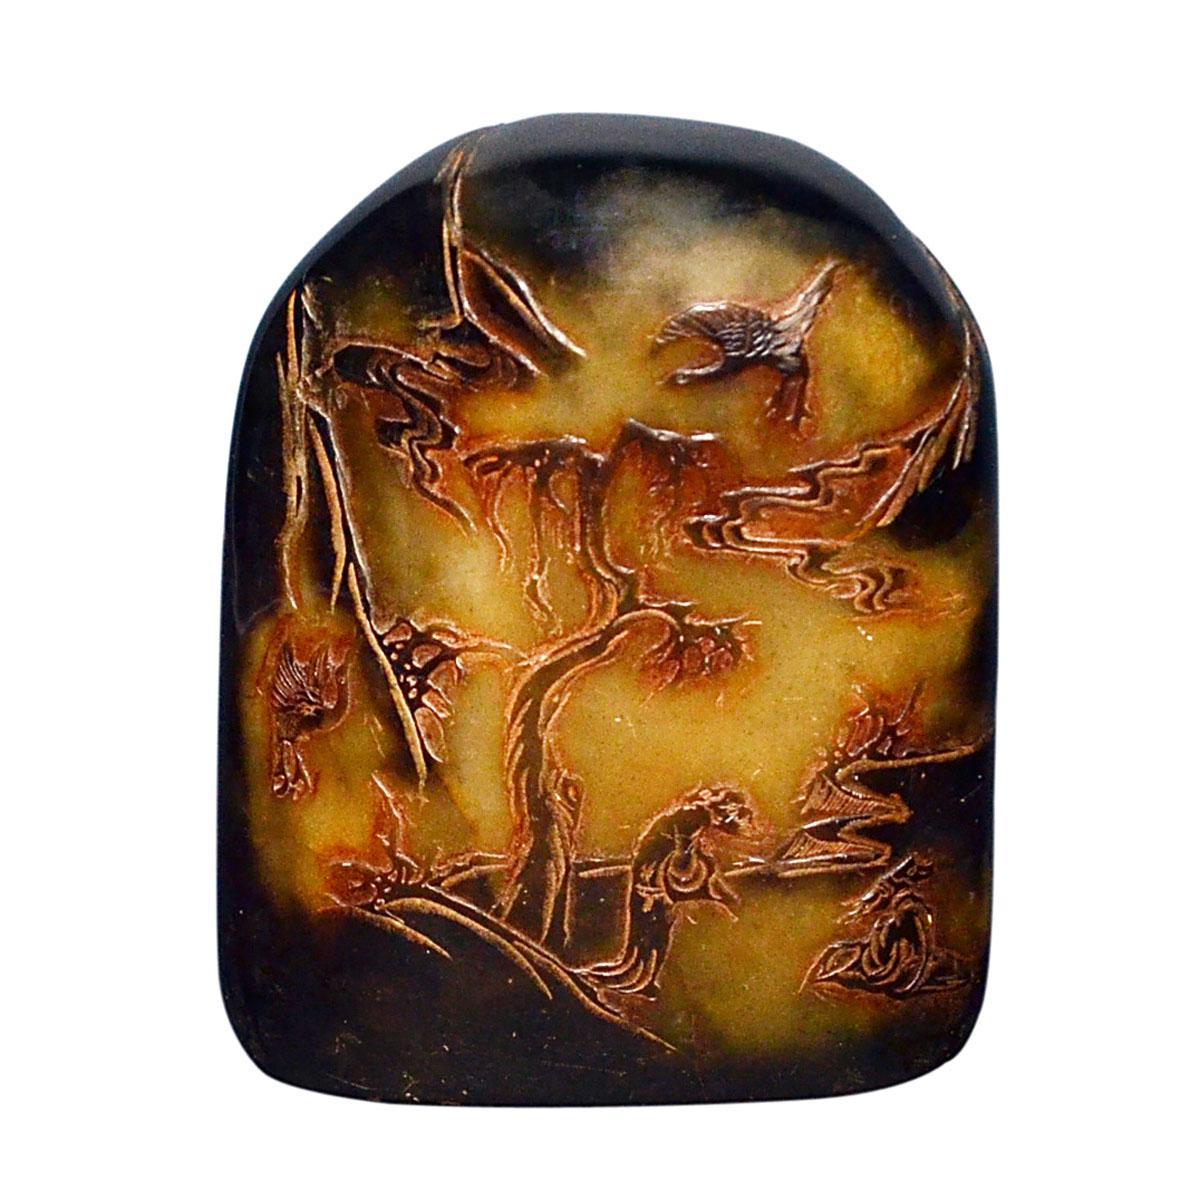 Lot 42 - 壽山石烏鴉皮山水人物大山子 Crow-skin Shoushan Stone Carved Large Boulder with Figural Landscape Motif. Height: